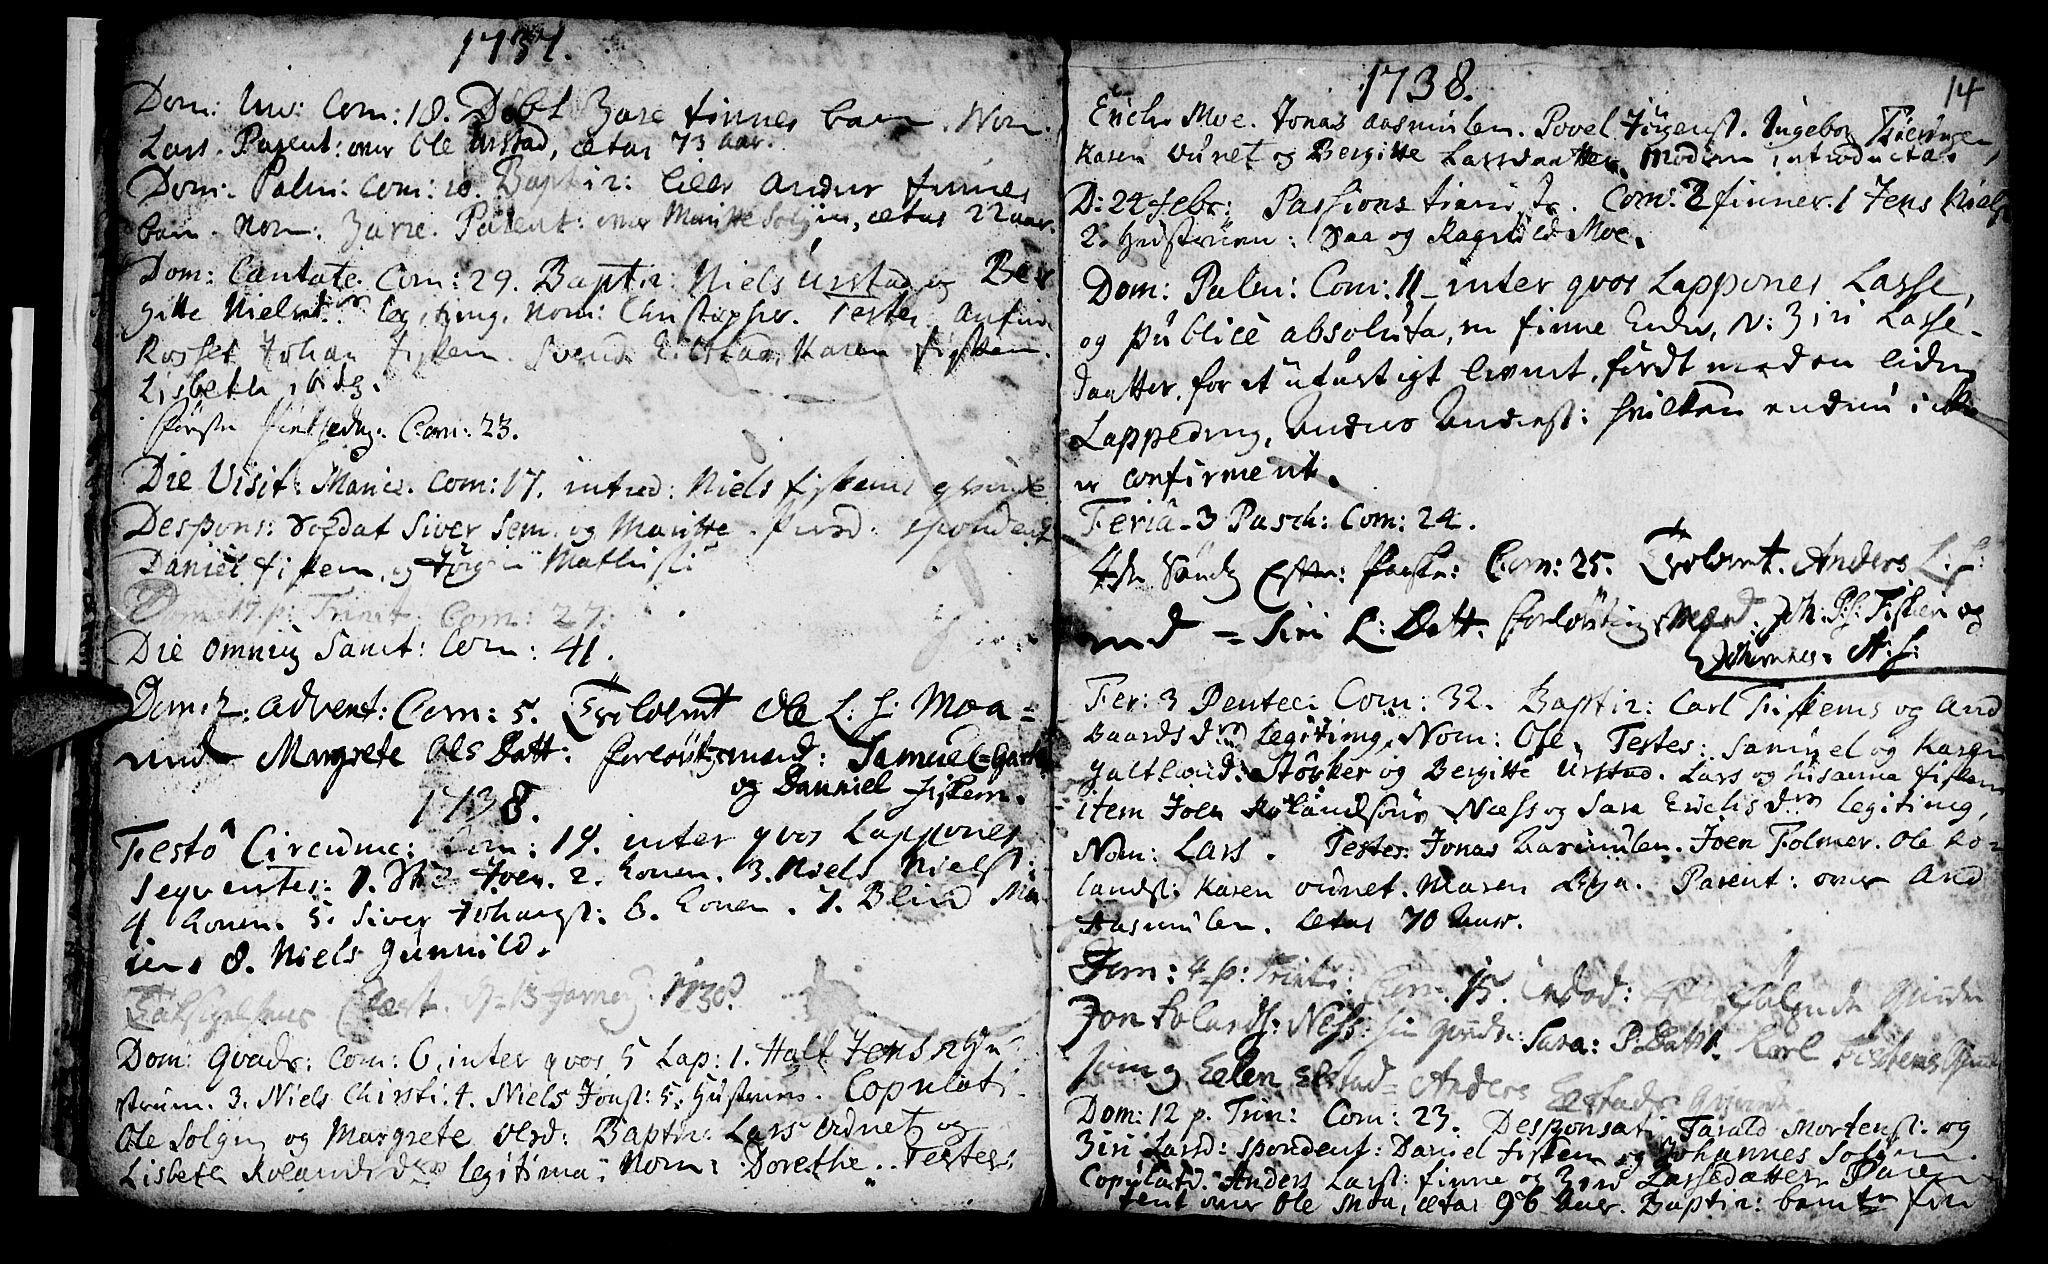 SAT, Ministerialprotokoller, klokkerbøker og fødselsregistre - Nord-Trøndelag, 759/L0525: Ministerialbok nr. 759A01, 1706-1748, s. 14